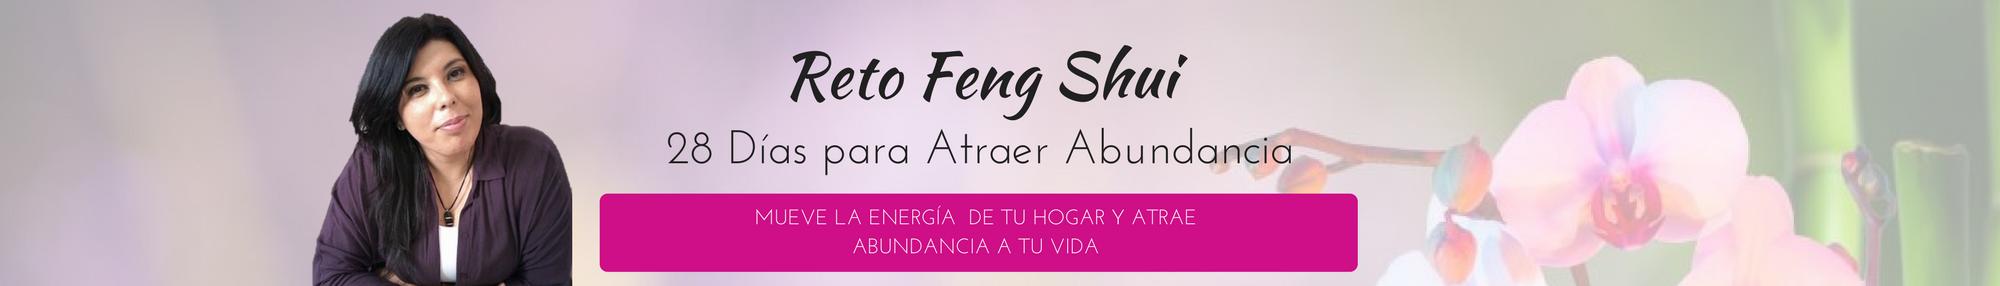 Reto Feng Shui1 (10)